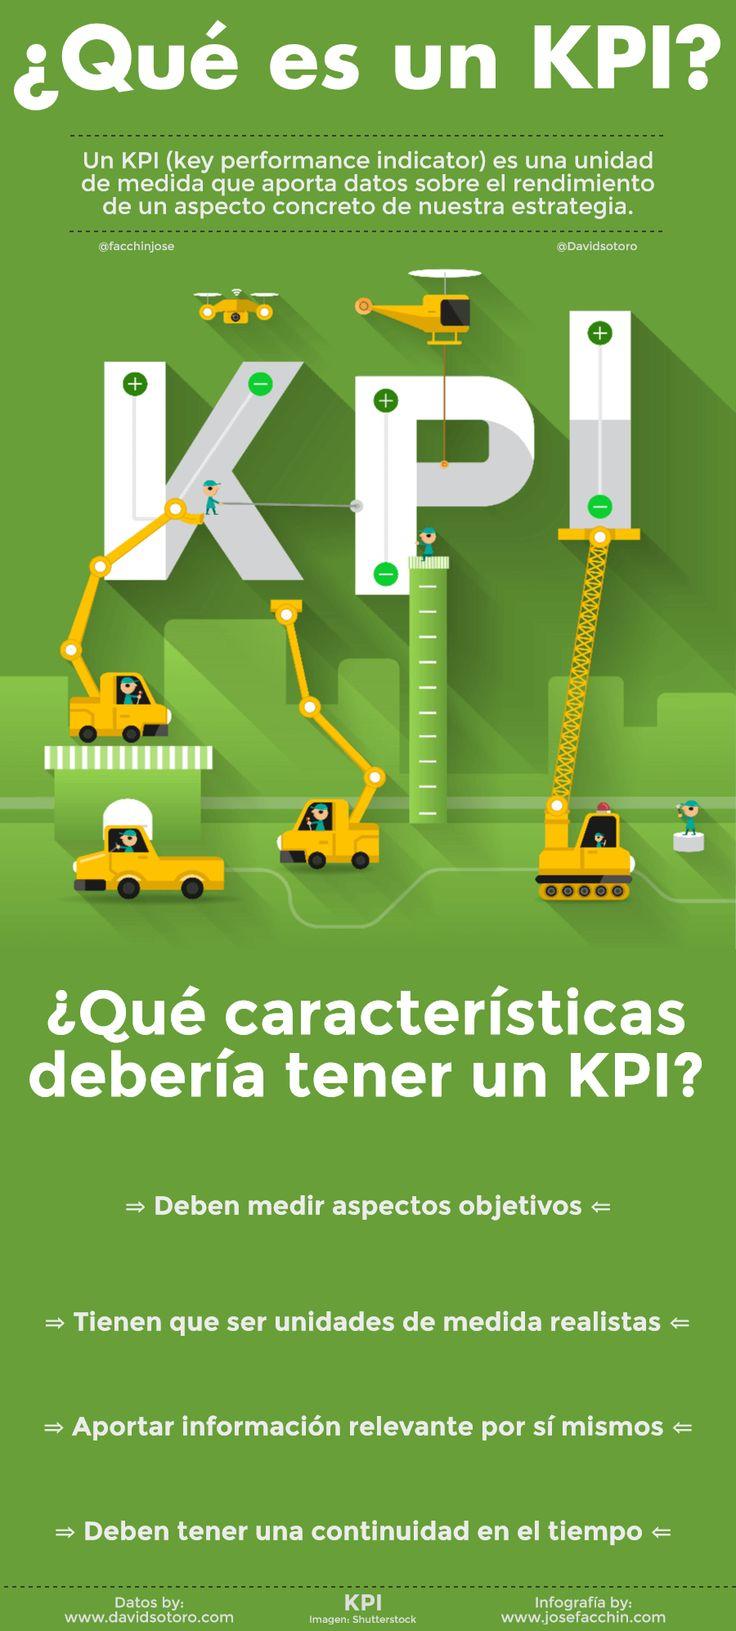 ¿Qué es un KPI y cuáles son sus características?